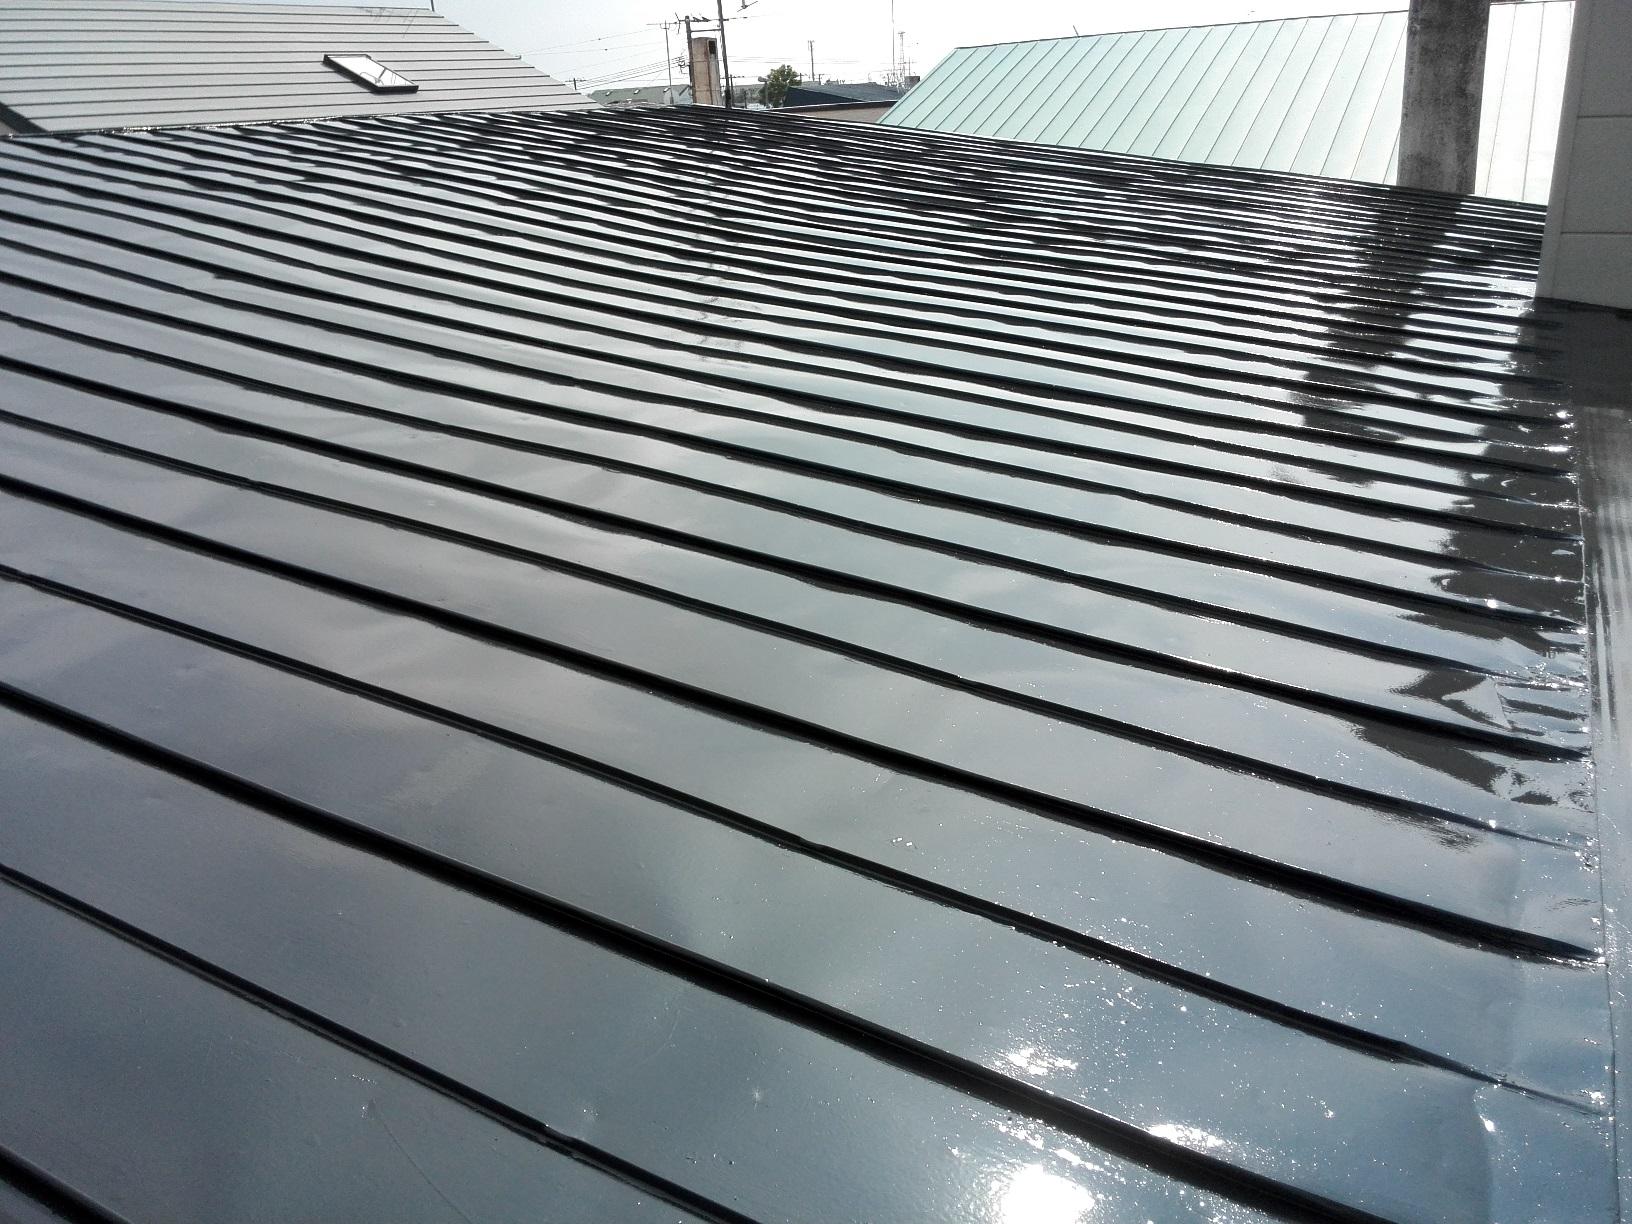 アパート 屋根・破風 上塗り1